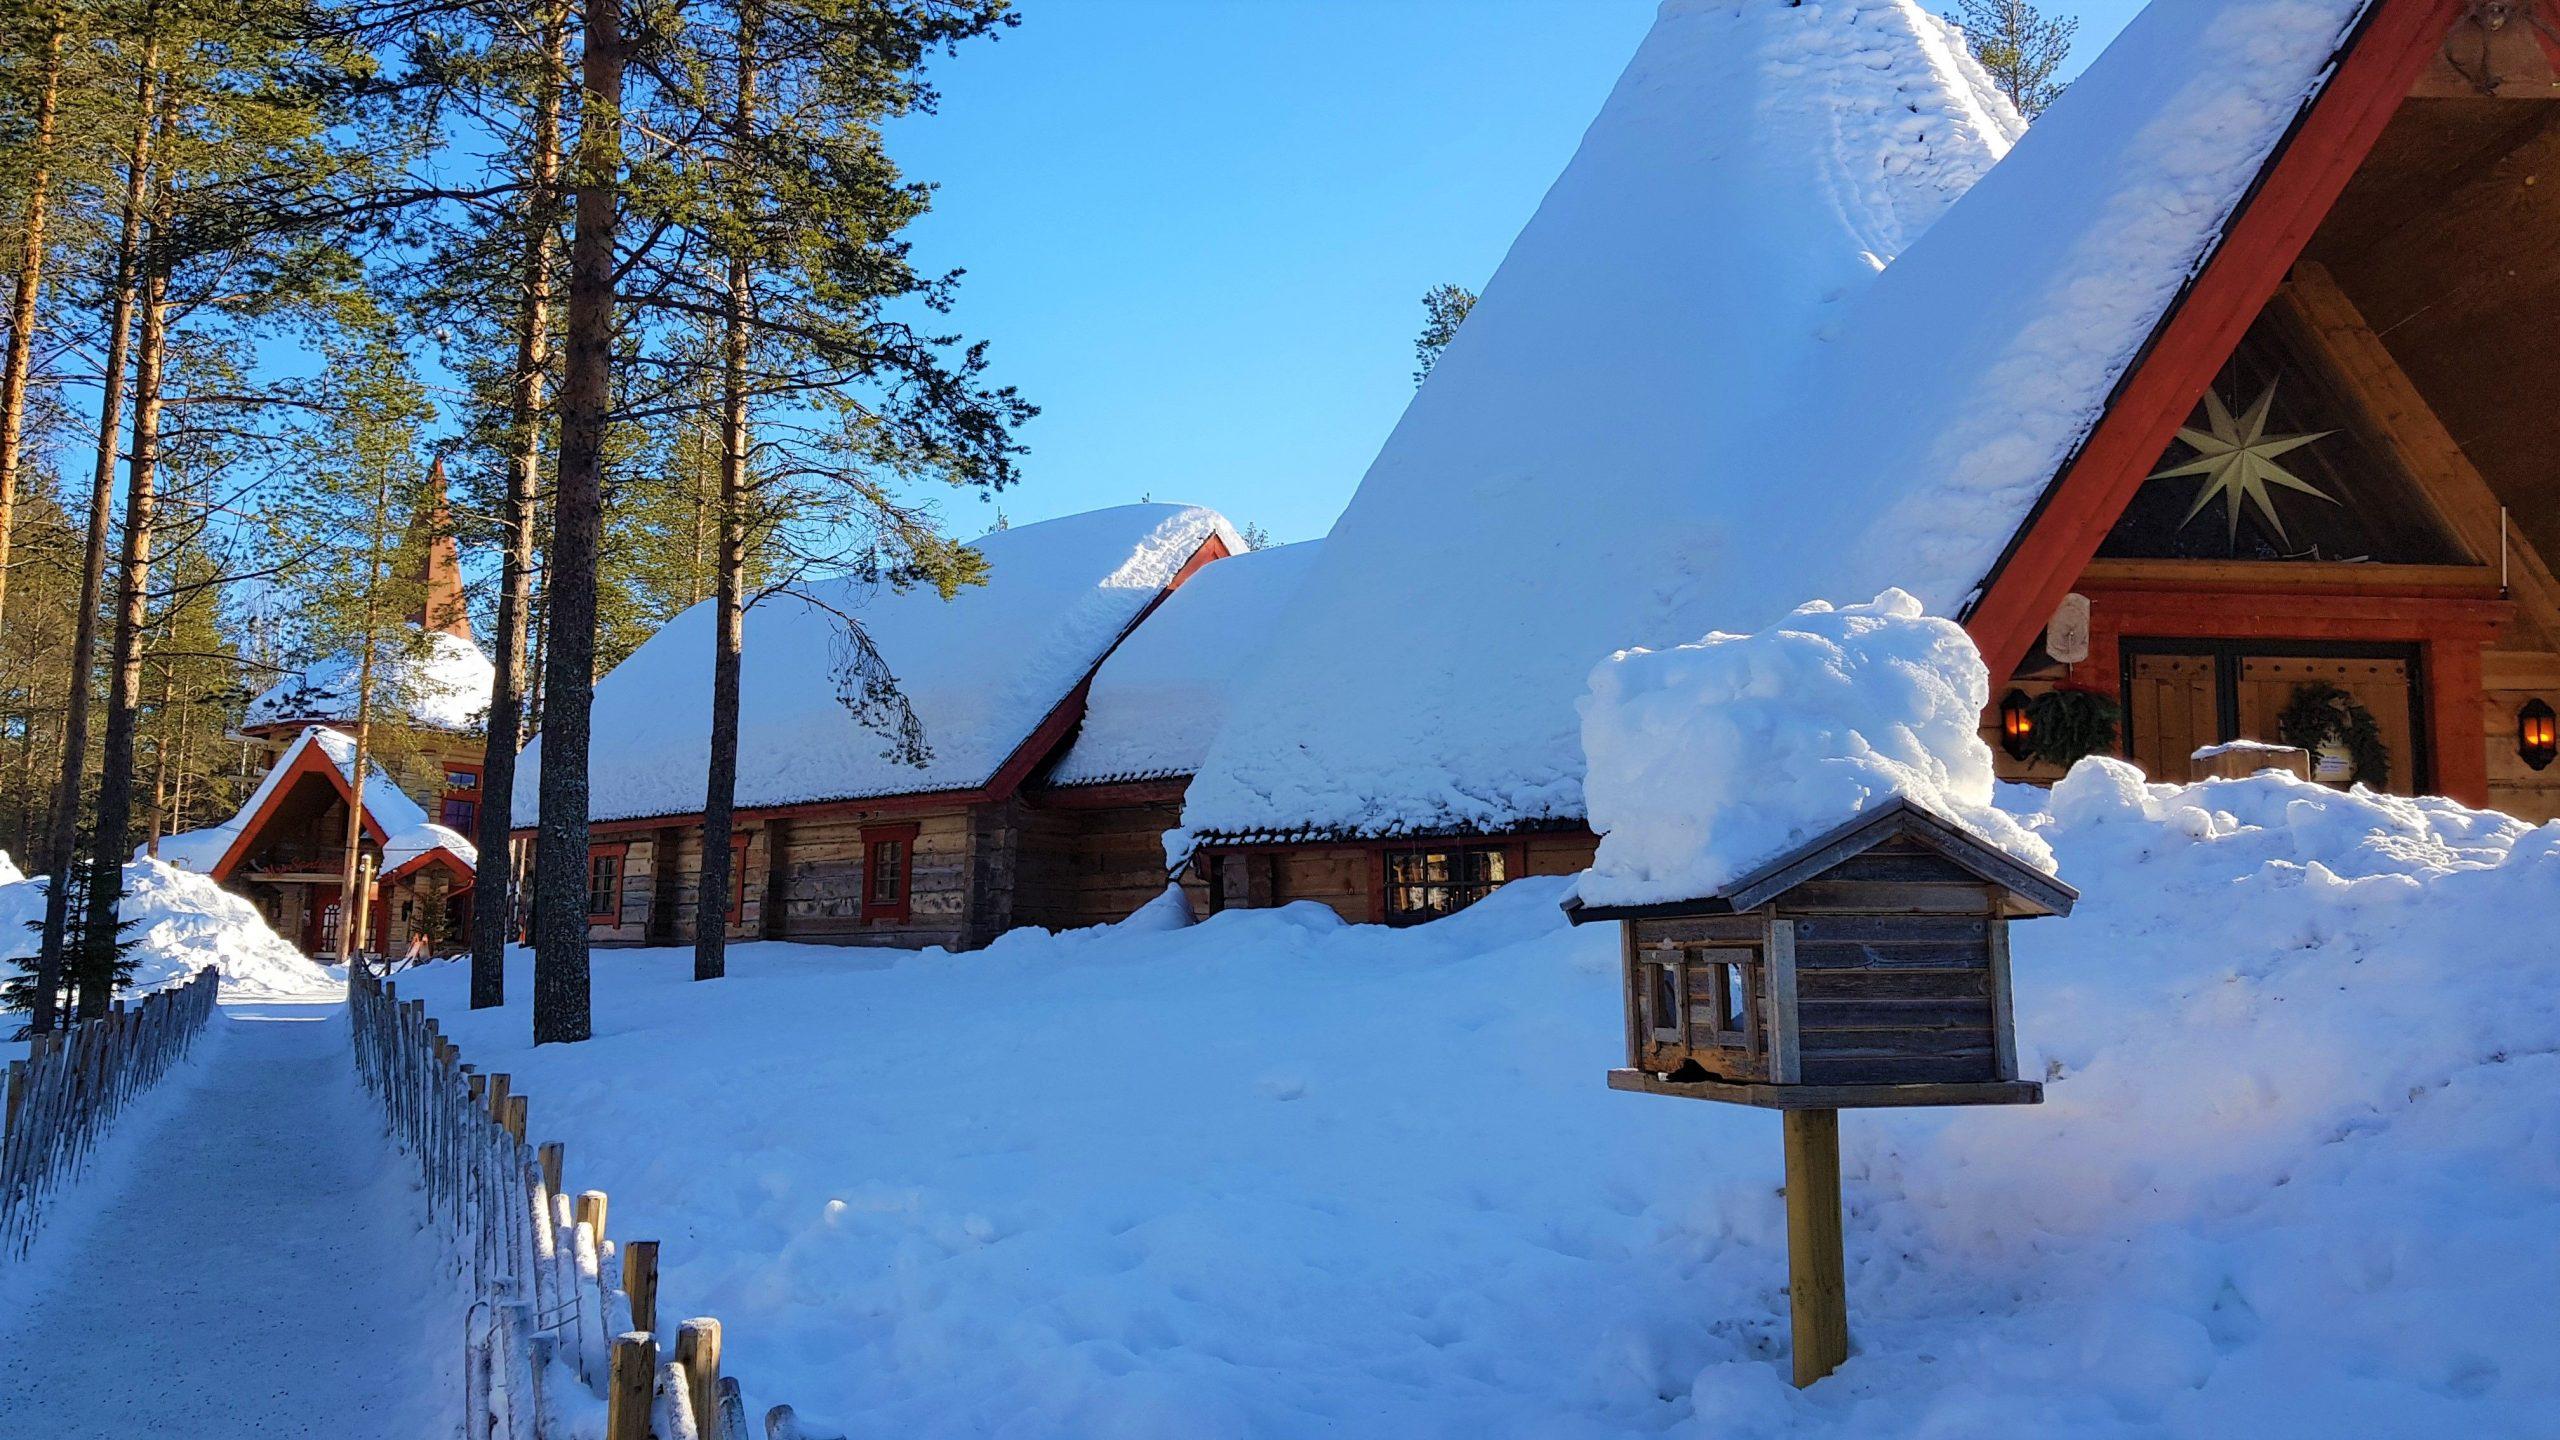 Cabañas nevadas en la Villa de Santa Claus .